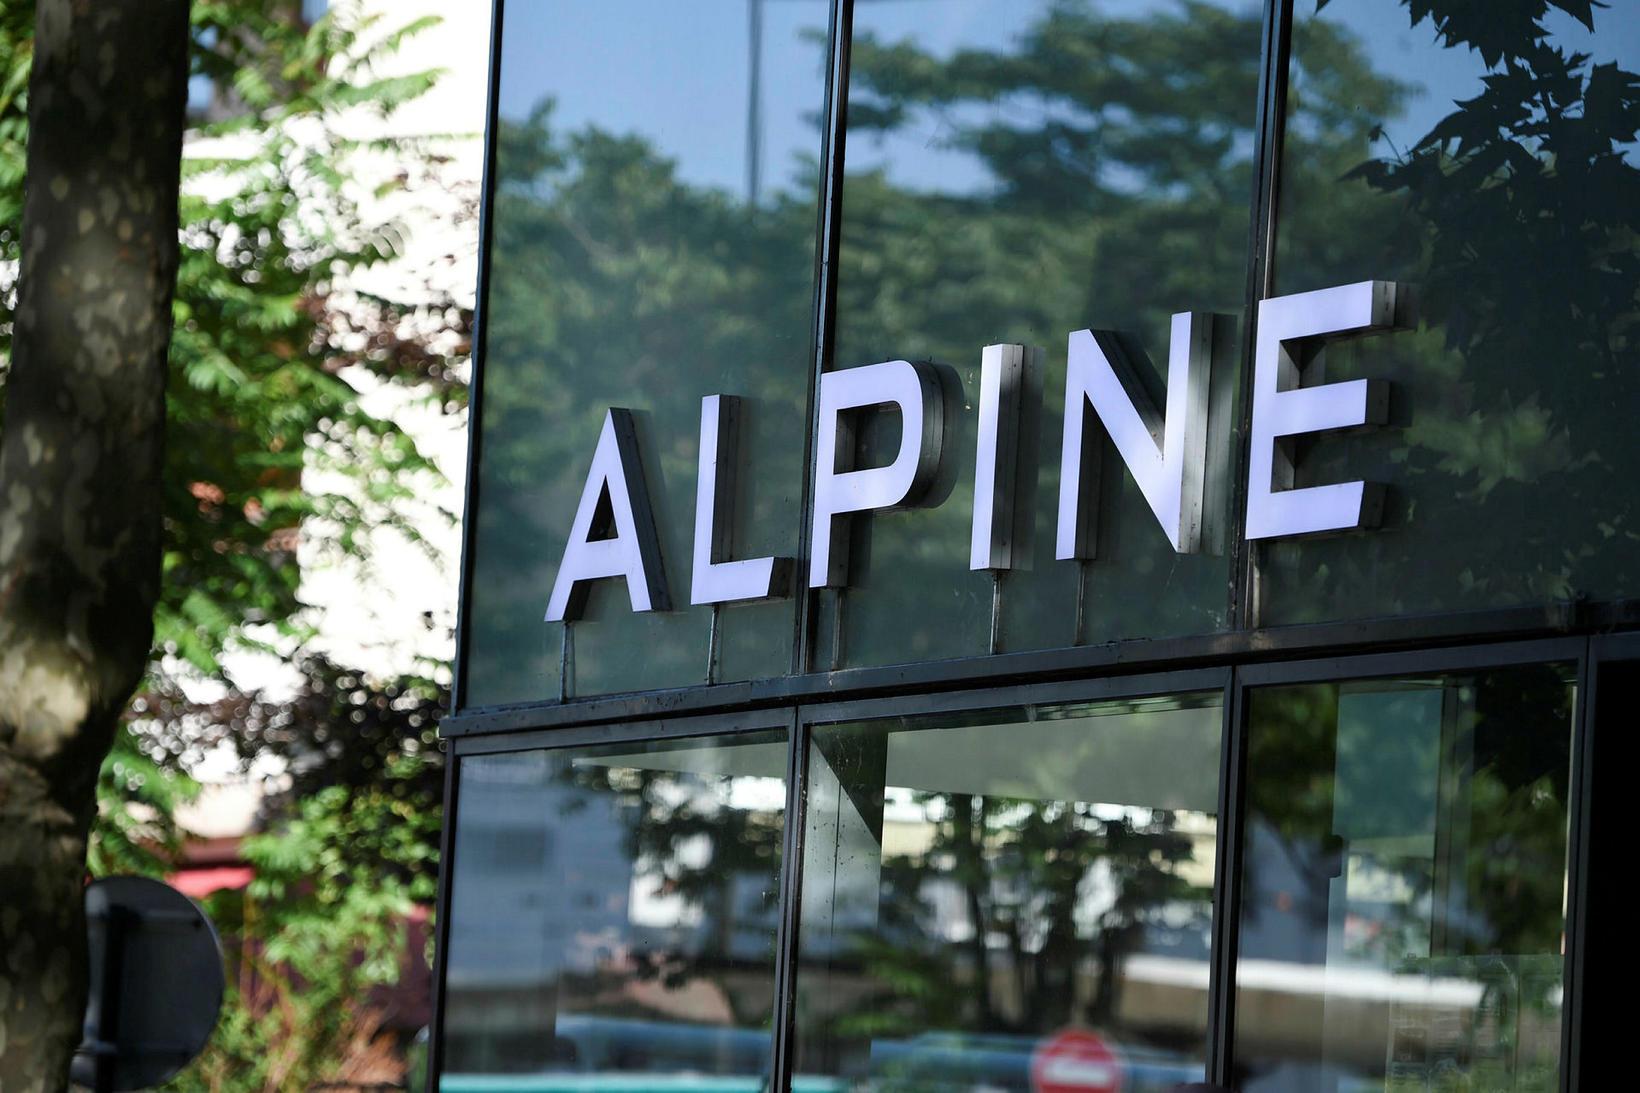 Sýningarsalir Alpine í Boulogne Billancourt við París.